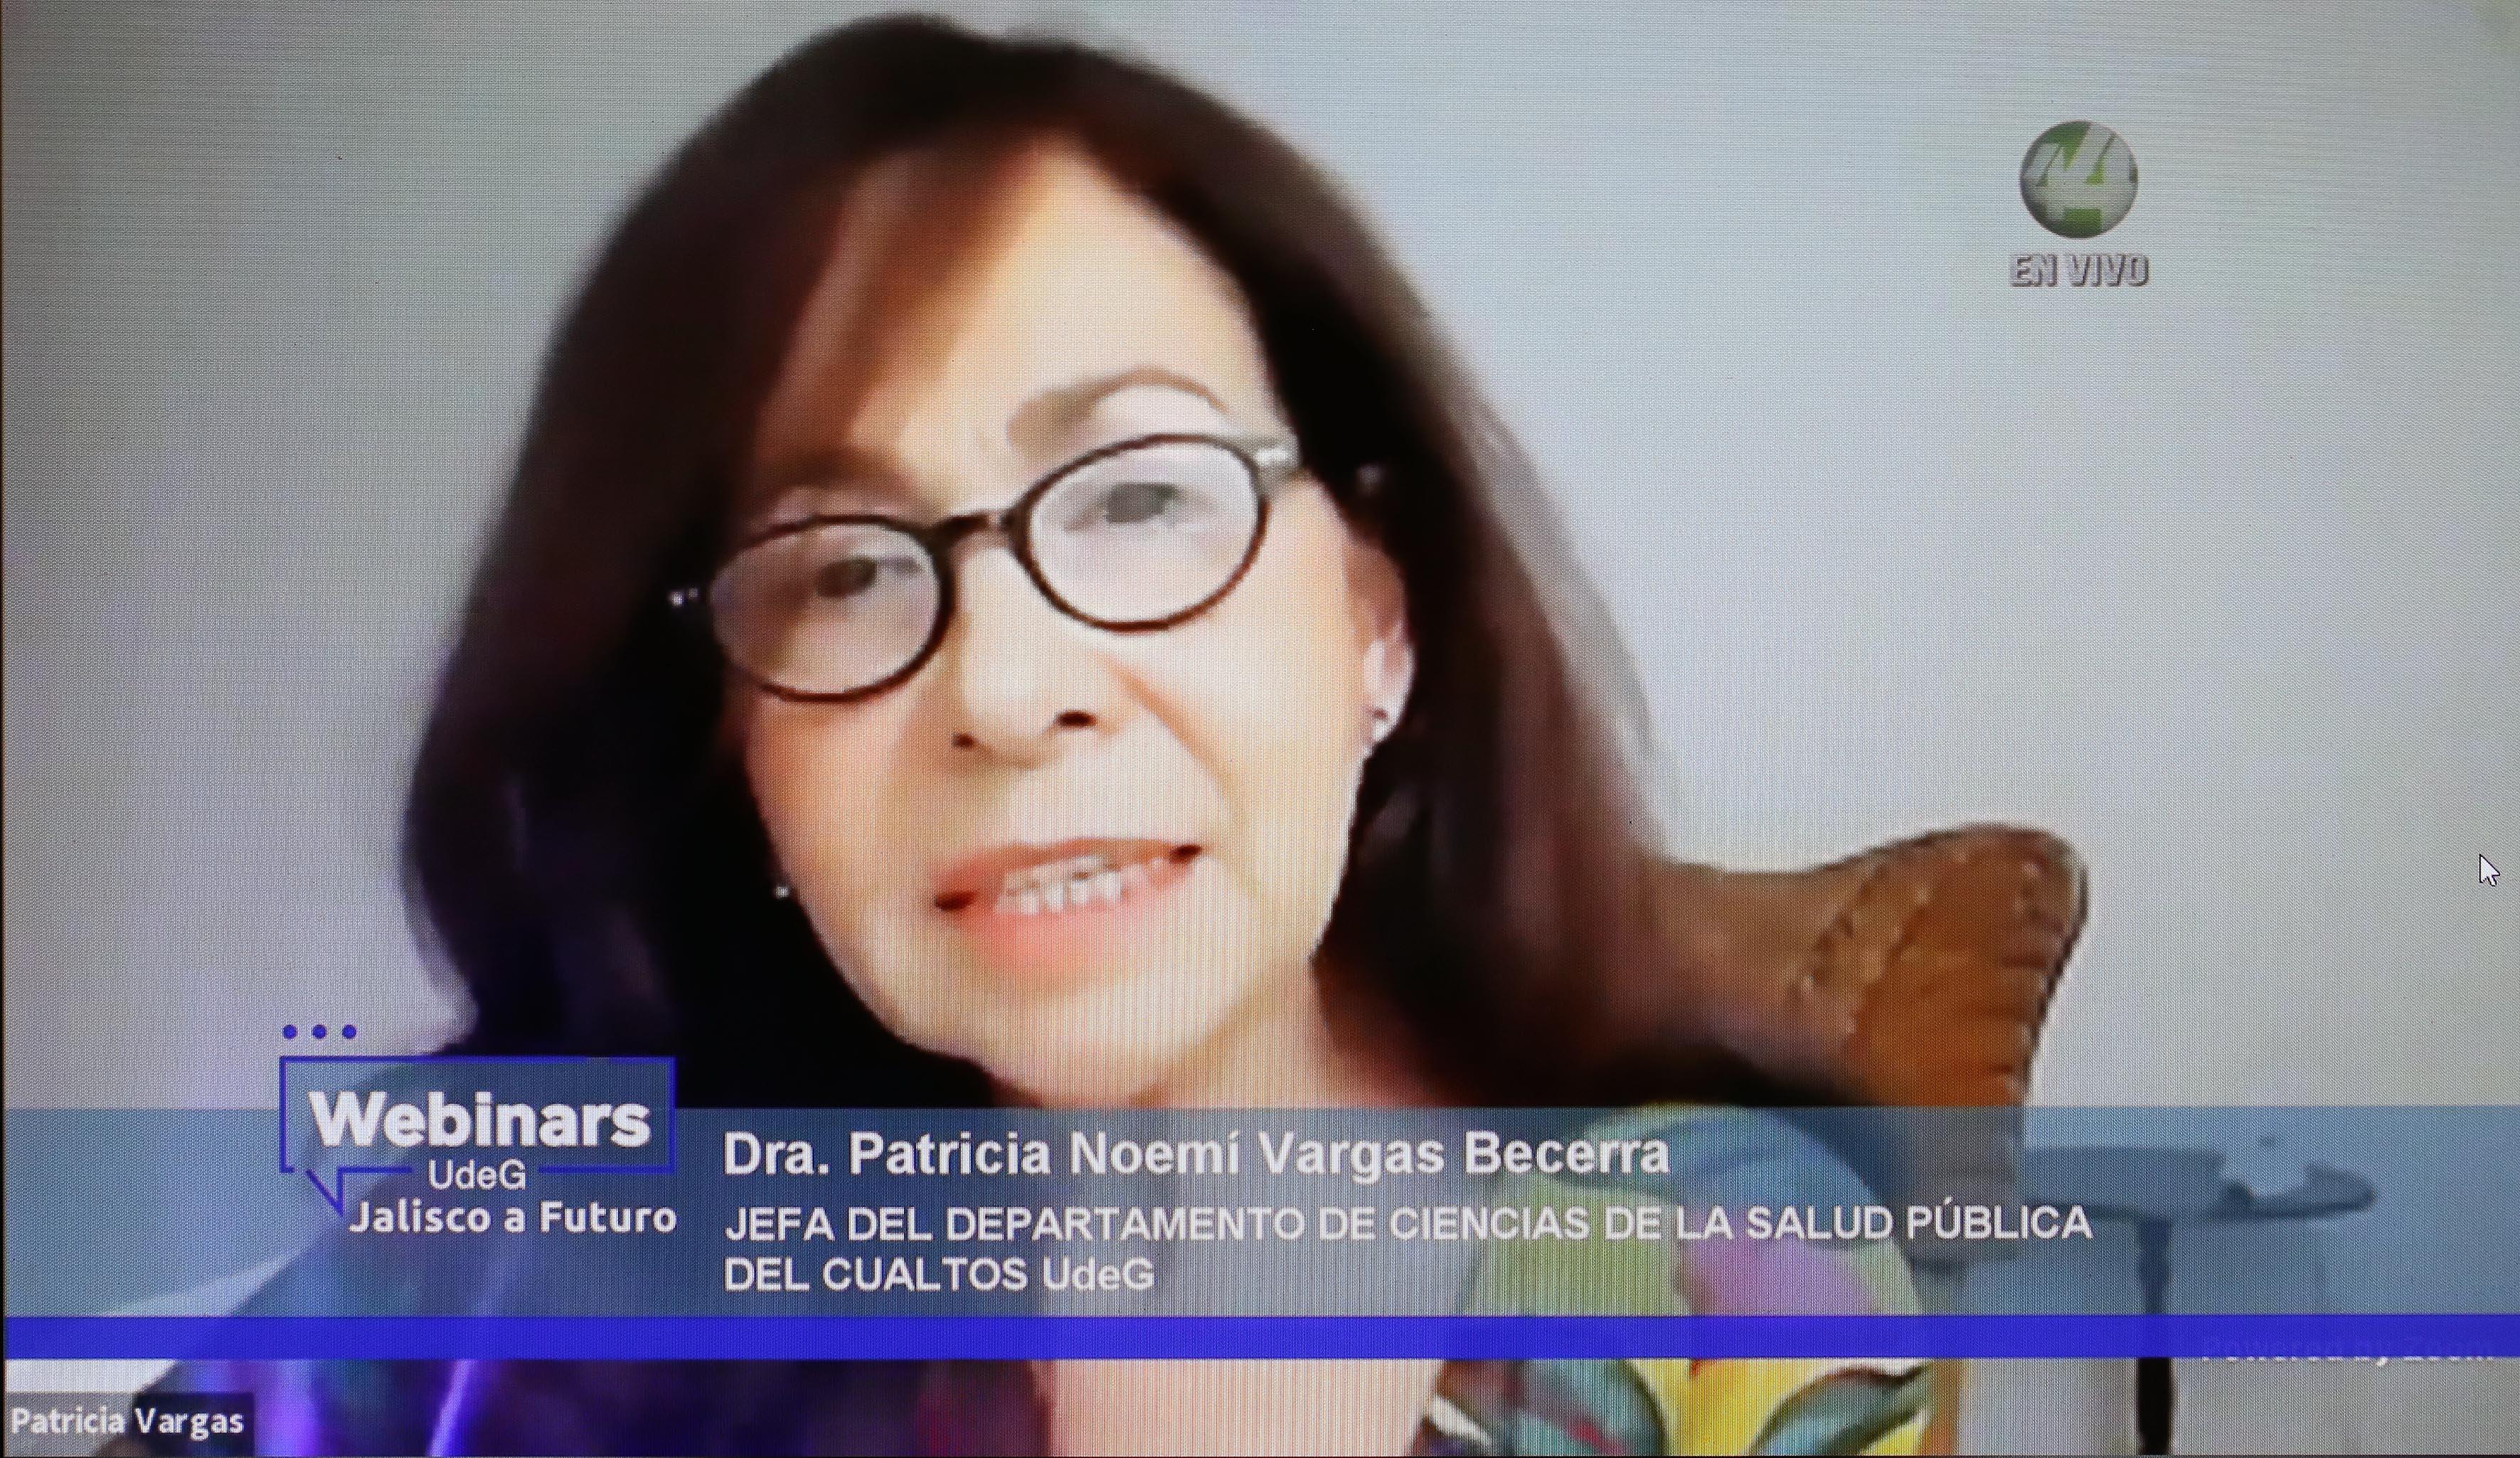 Dra. Patricia Noemí Vargas Becerra, directiva de CUAltos, particpante en el Webinar